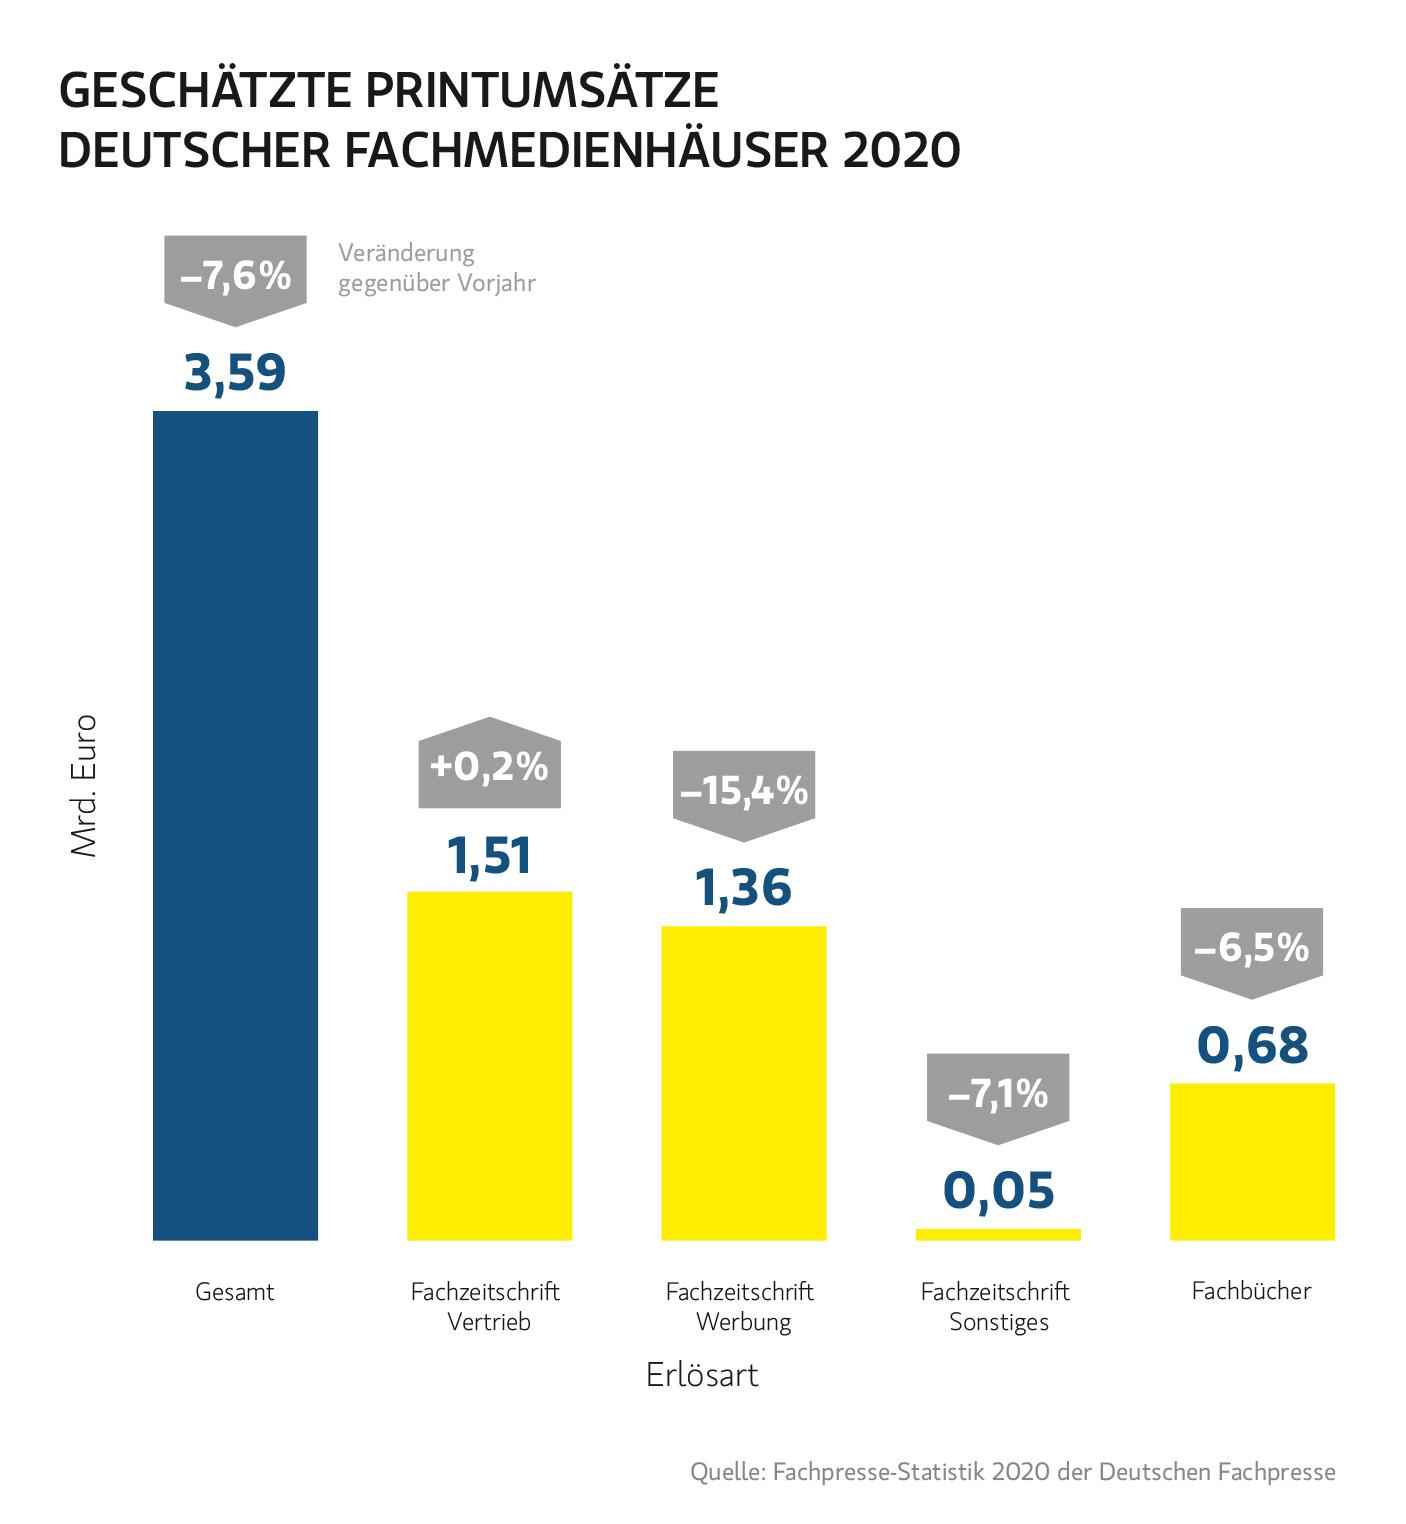 © Deutsche Fachpresse